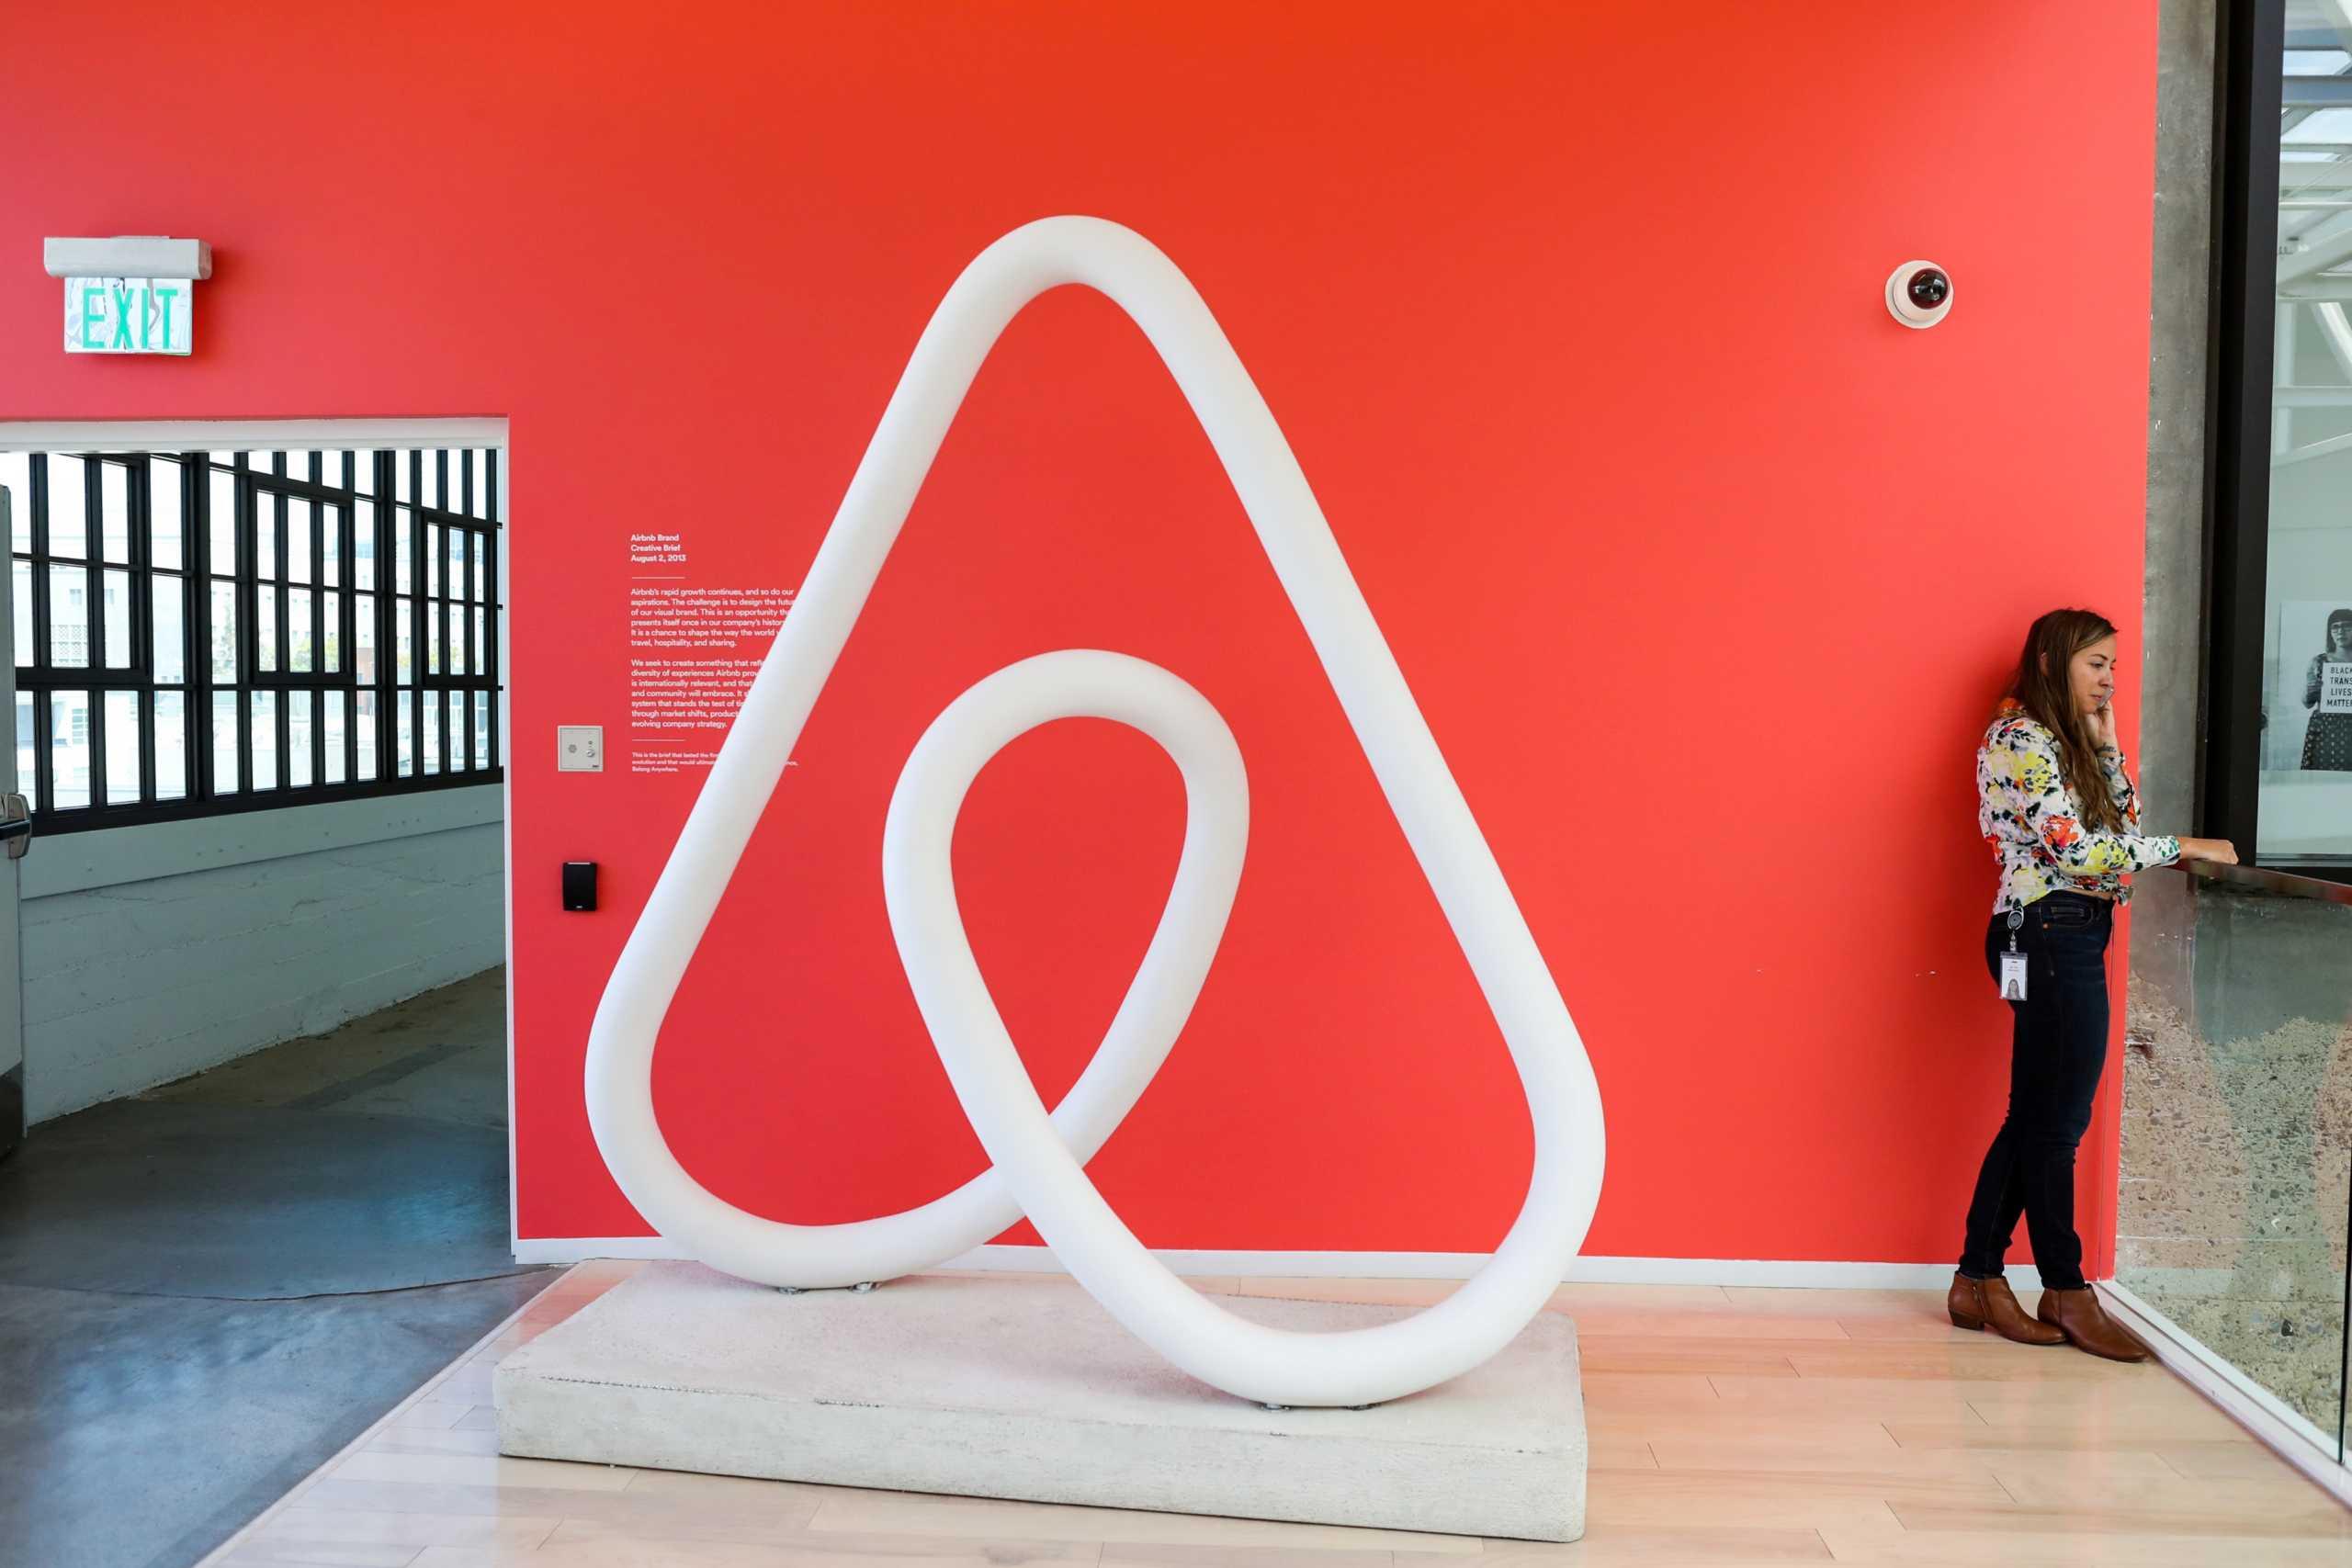 Κυνήγι από την Εφορία σε όσους ενοικιάζουν ακίνητα μέσω Airbnb και δεν δηλώνουν τα έσοδα